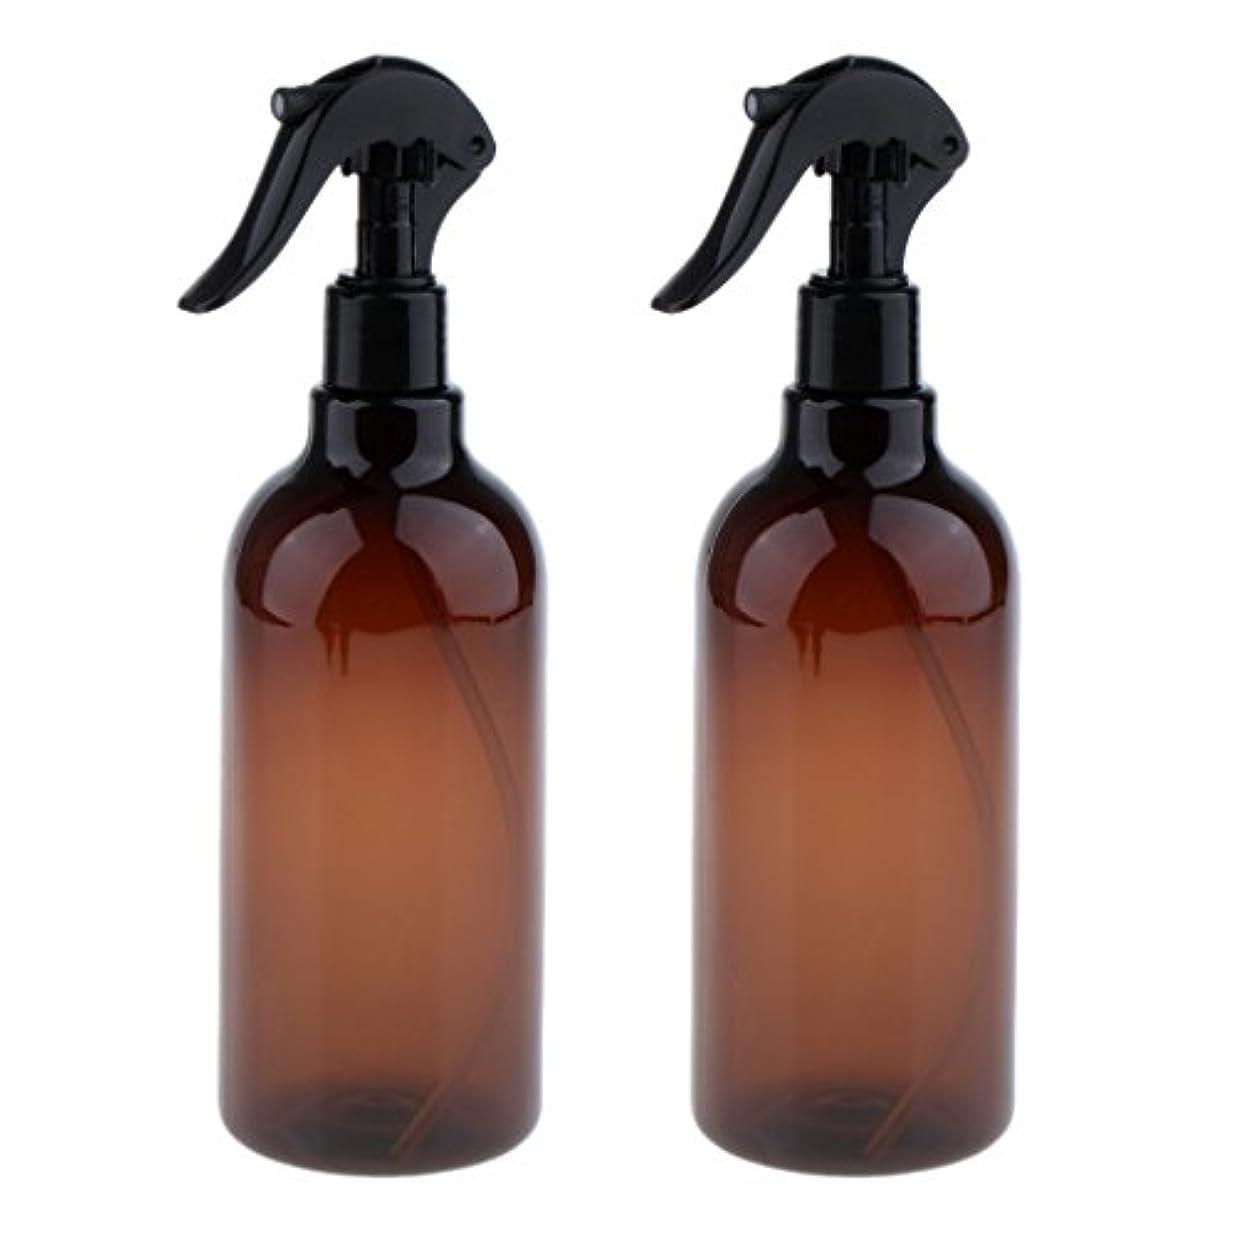 しおれた上級会うKesoto スプレーボトル 美容ボトル 空ボトル スプレー ボトル サロン 美容 水スプレー 500ml 全3色選べる - ブラウン+ブラック